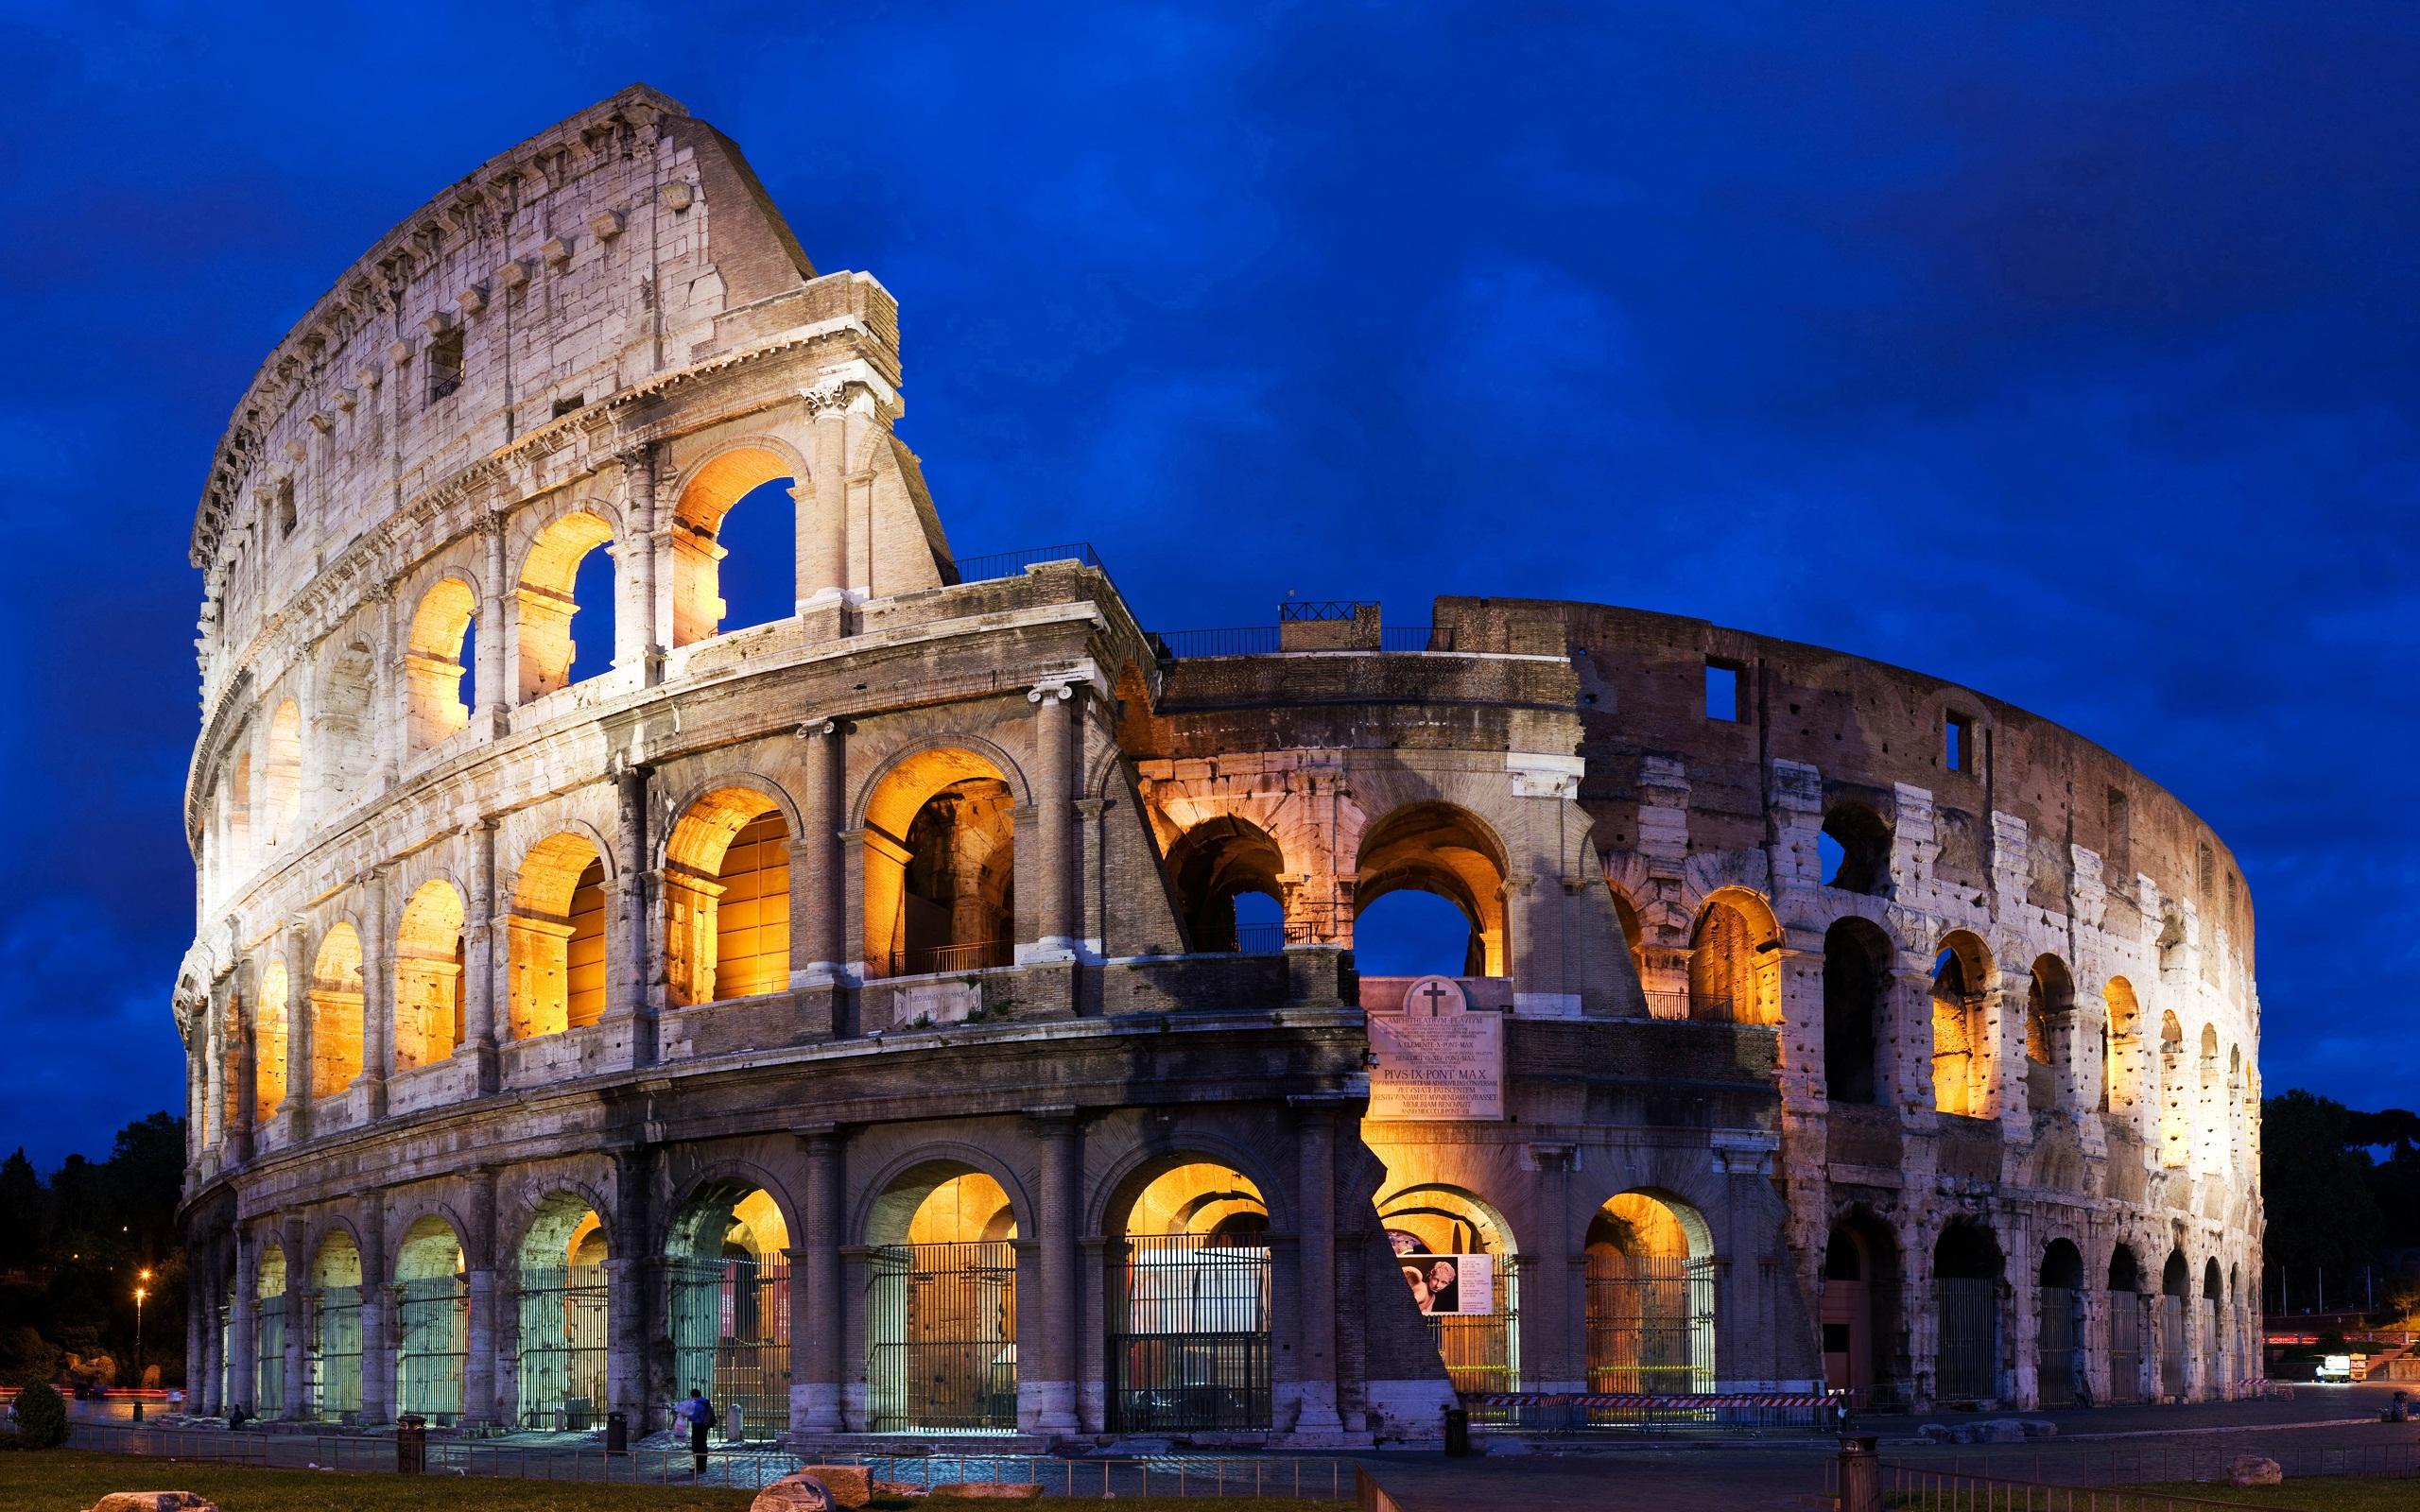 Colosseum in Rome wallpaper